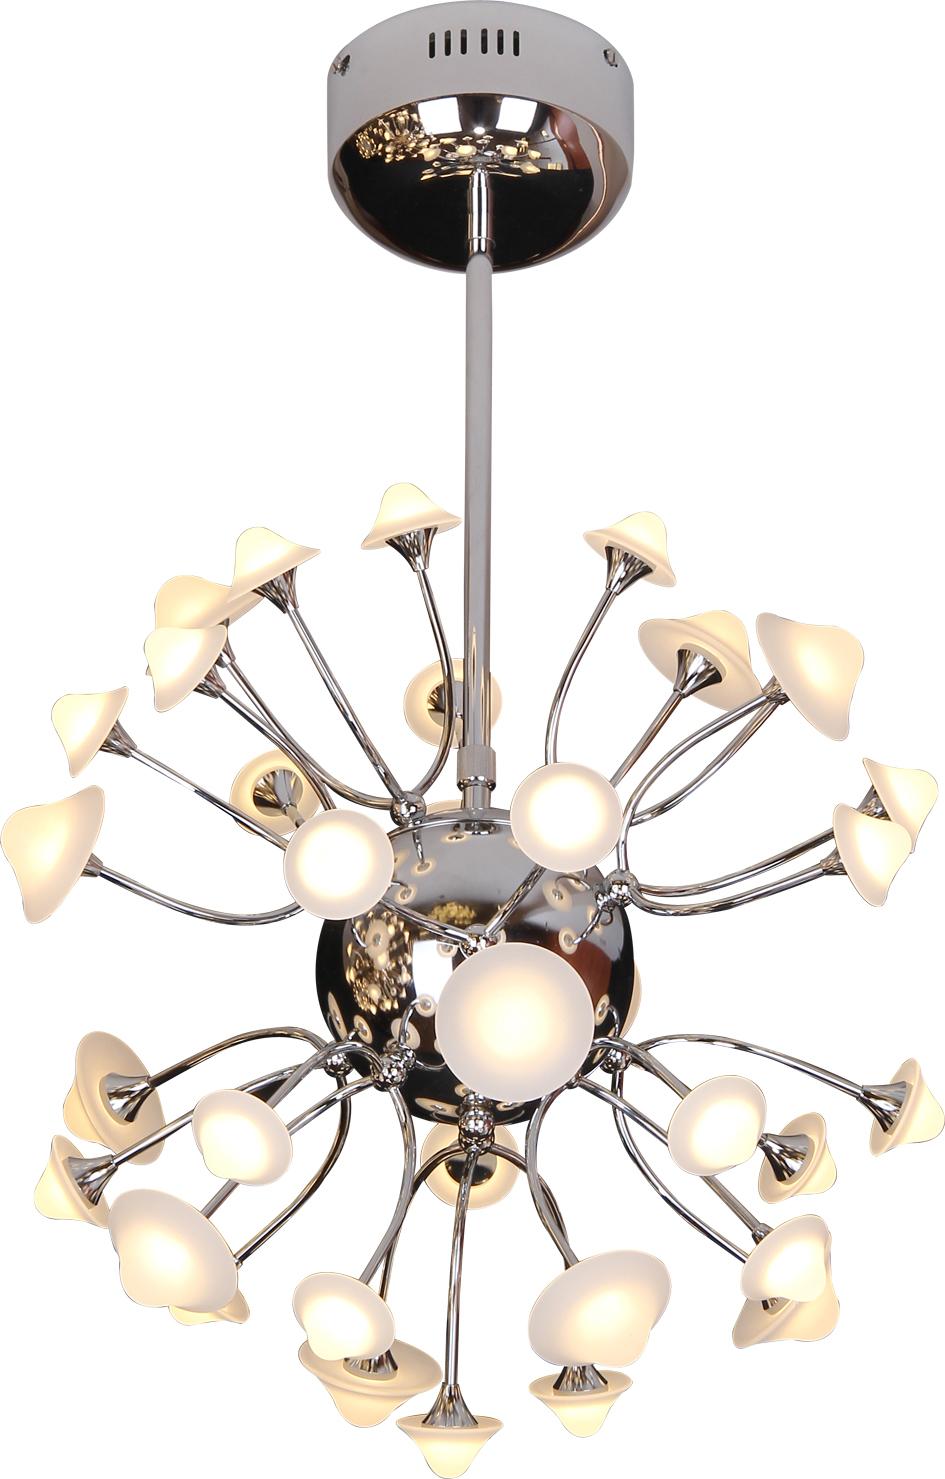 现代简约led餐厅吊灯艺术创意餐吊灯饭厅灯客厅圆球灯饰